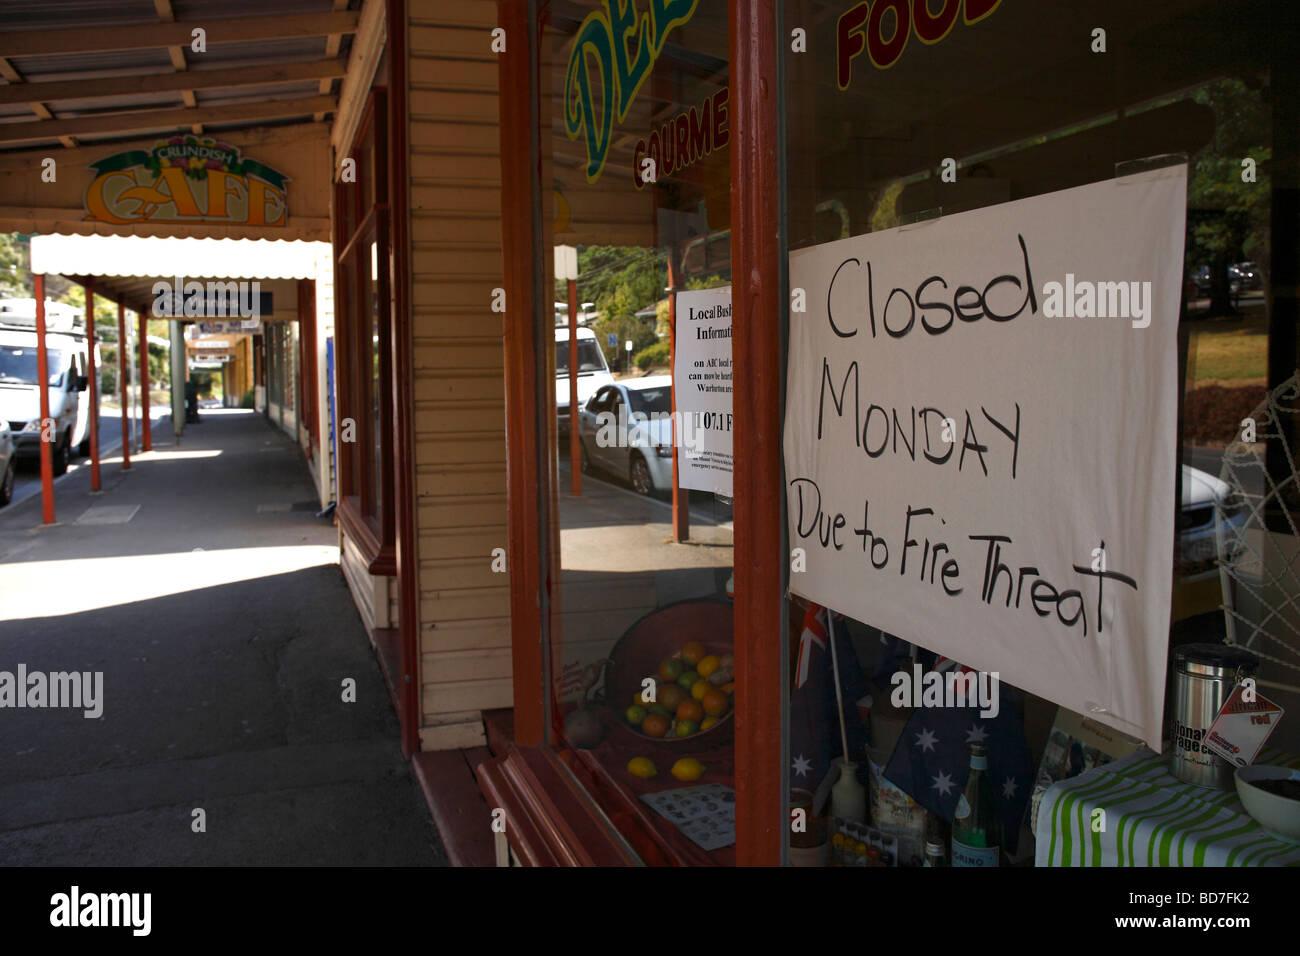 Menace d'incendie écrit à la main sur verre avis vitrine Warburton Victoria Australie Photo Stock